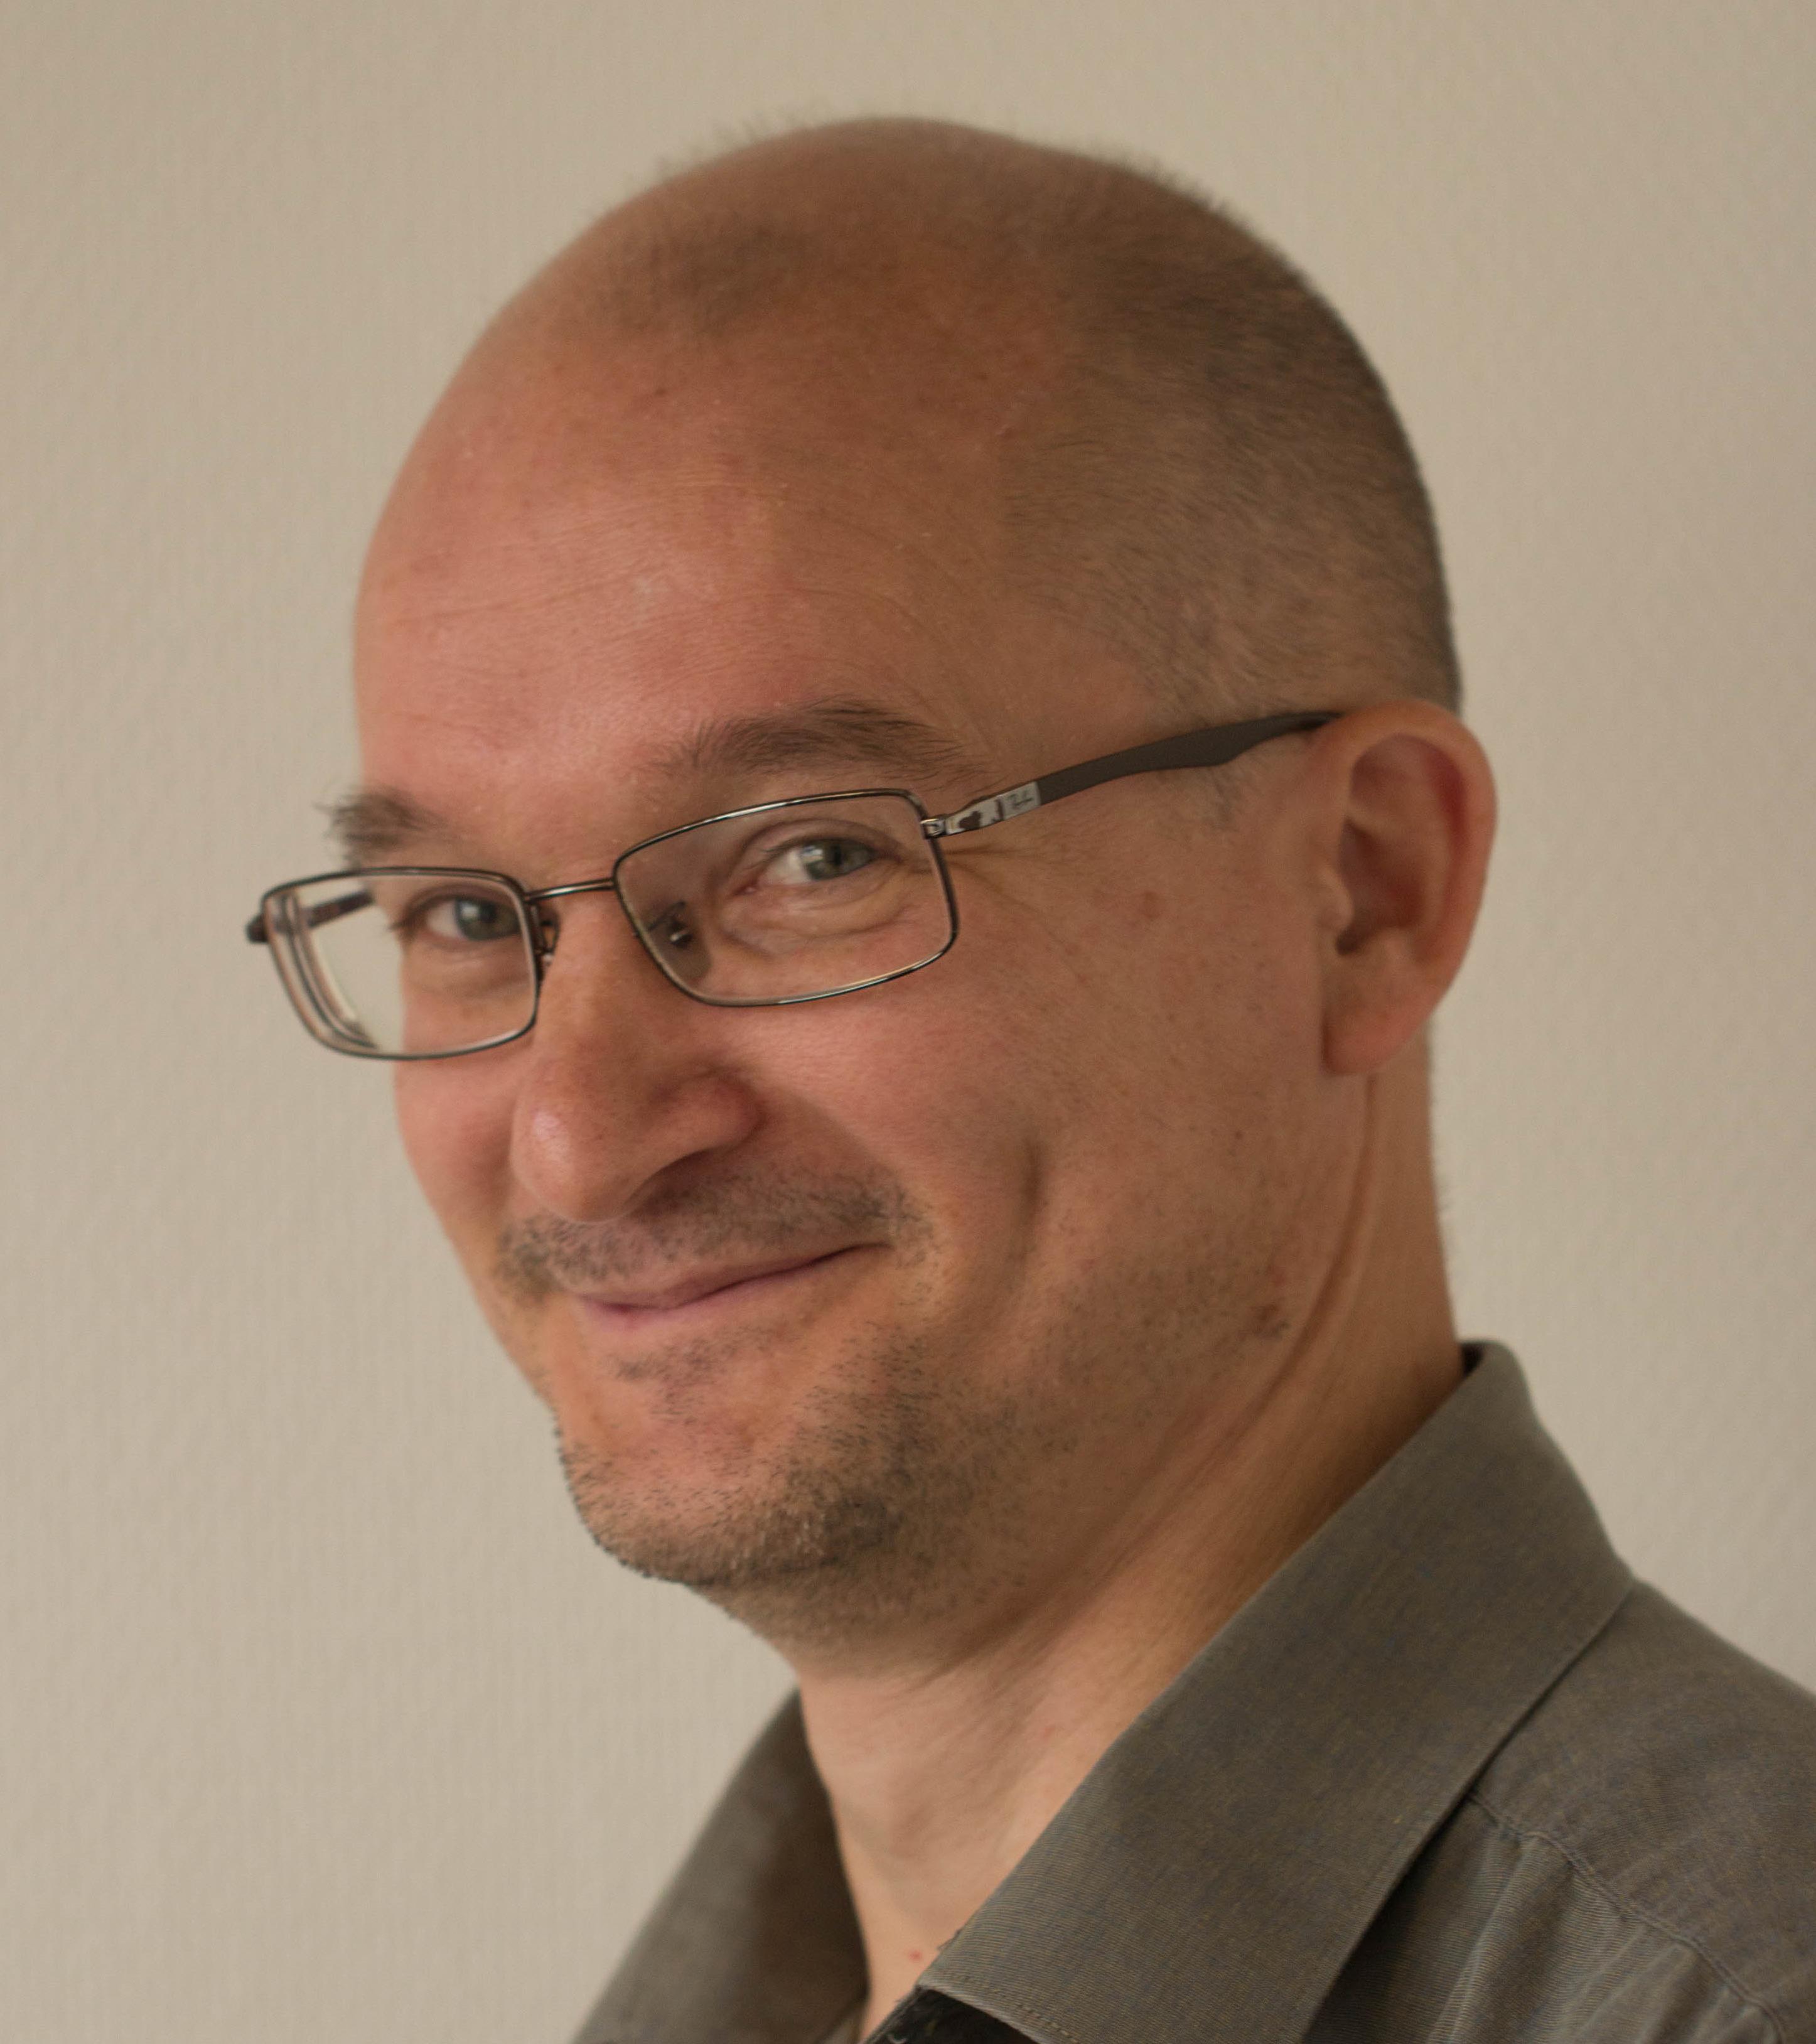 Kris Van Kerckhoven / Hans Willemse